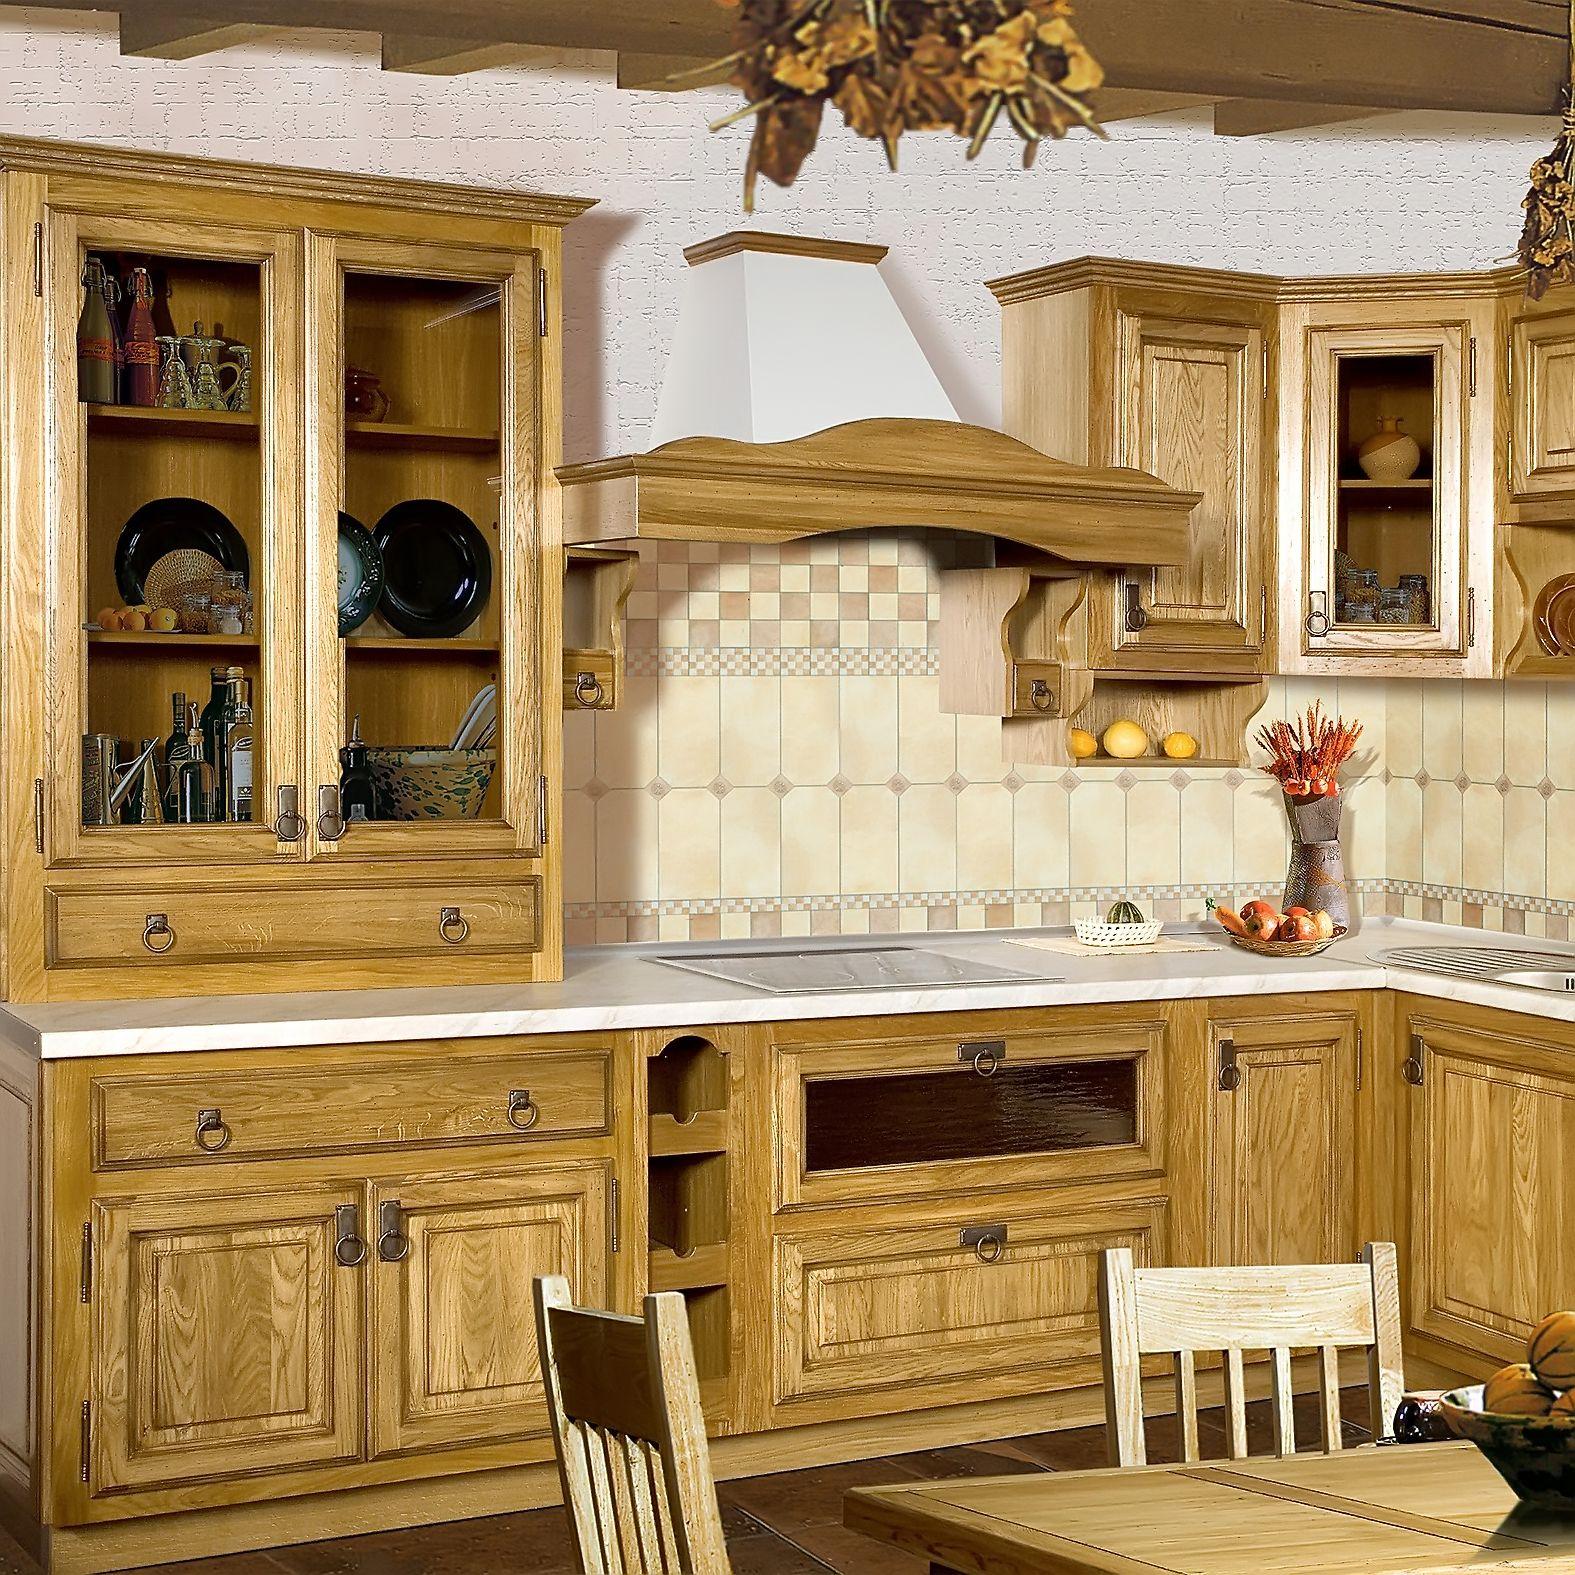 Full Size of Küchenmöbel Rustikale Kchenmbel Aus Massivholz Set Kchenzeile Wohnzimmer Küchenmöbel